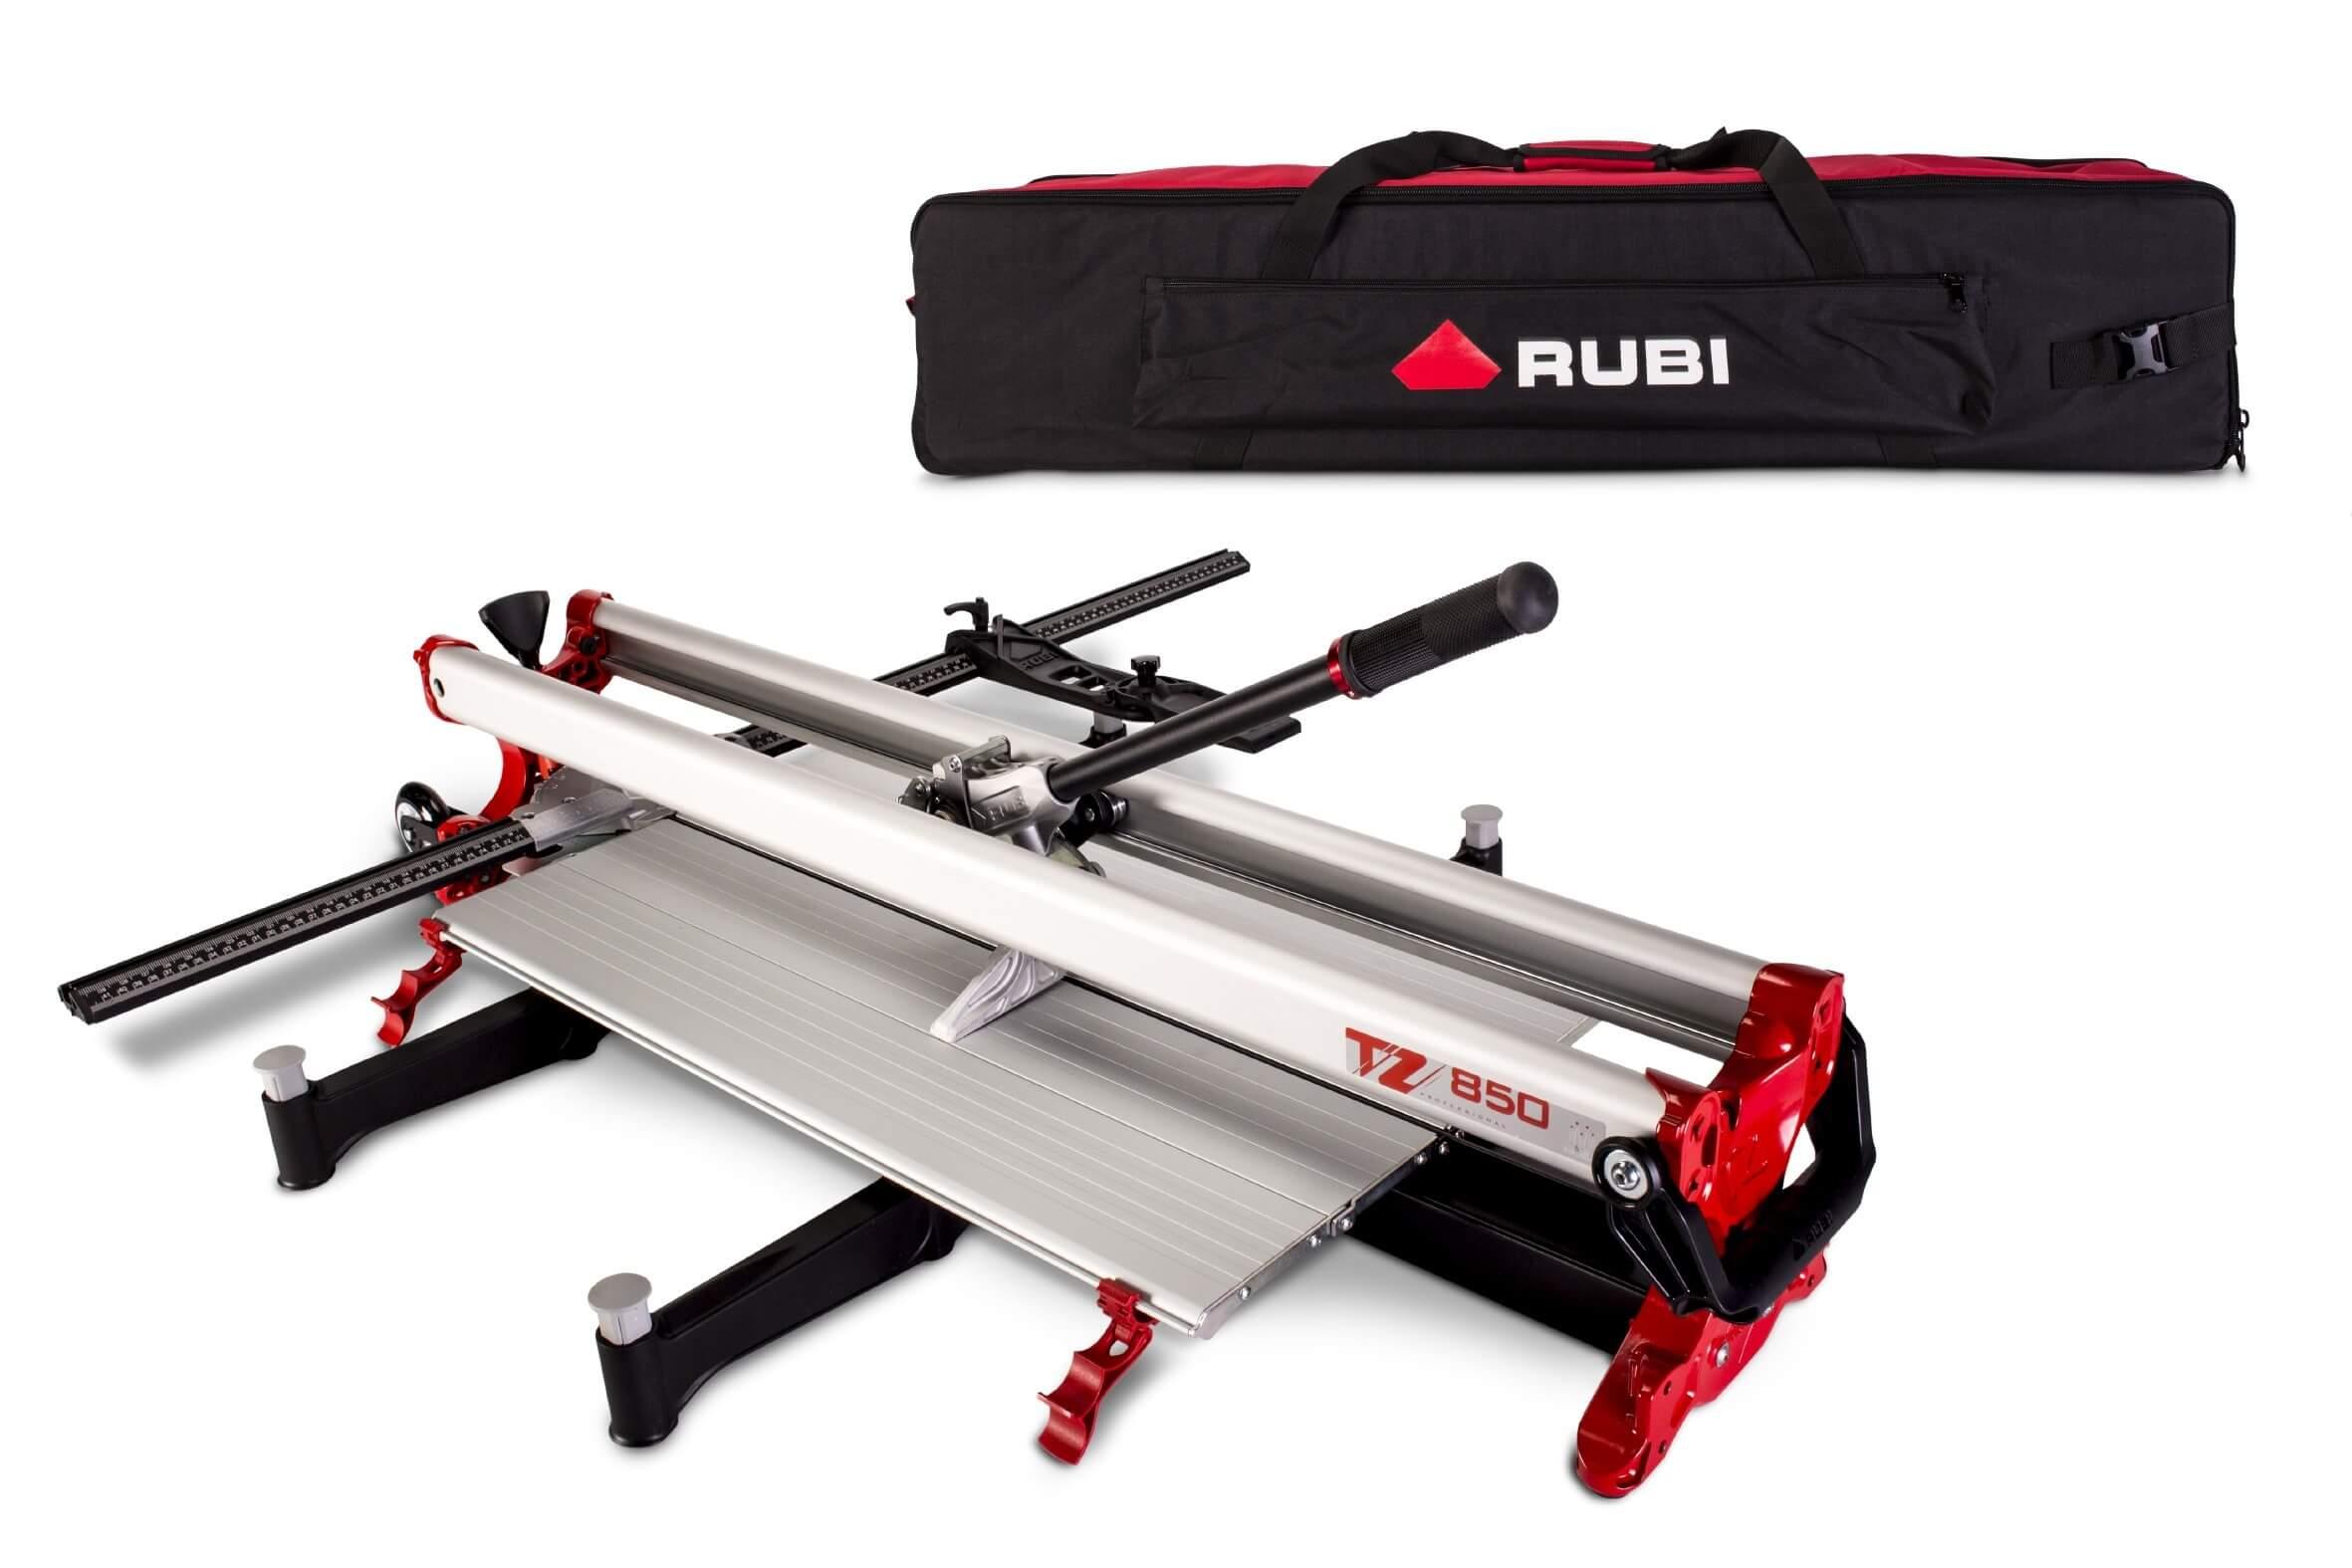 Rubi TZ-850